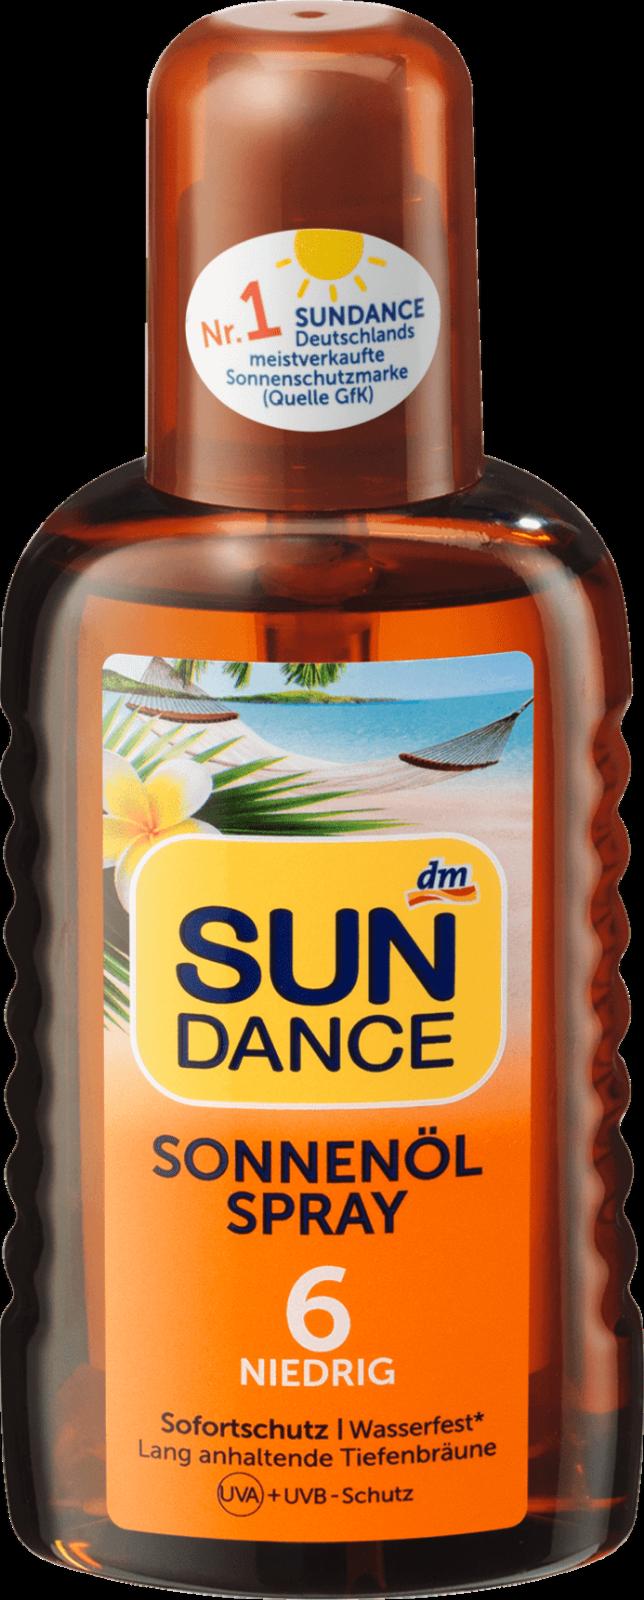 Sun Dance Sonnenöl Spray Sonnenspray Sonnenmilch Sonnencreme 200ml, LSF 6